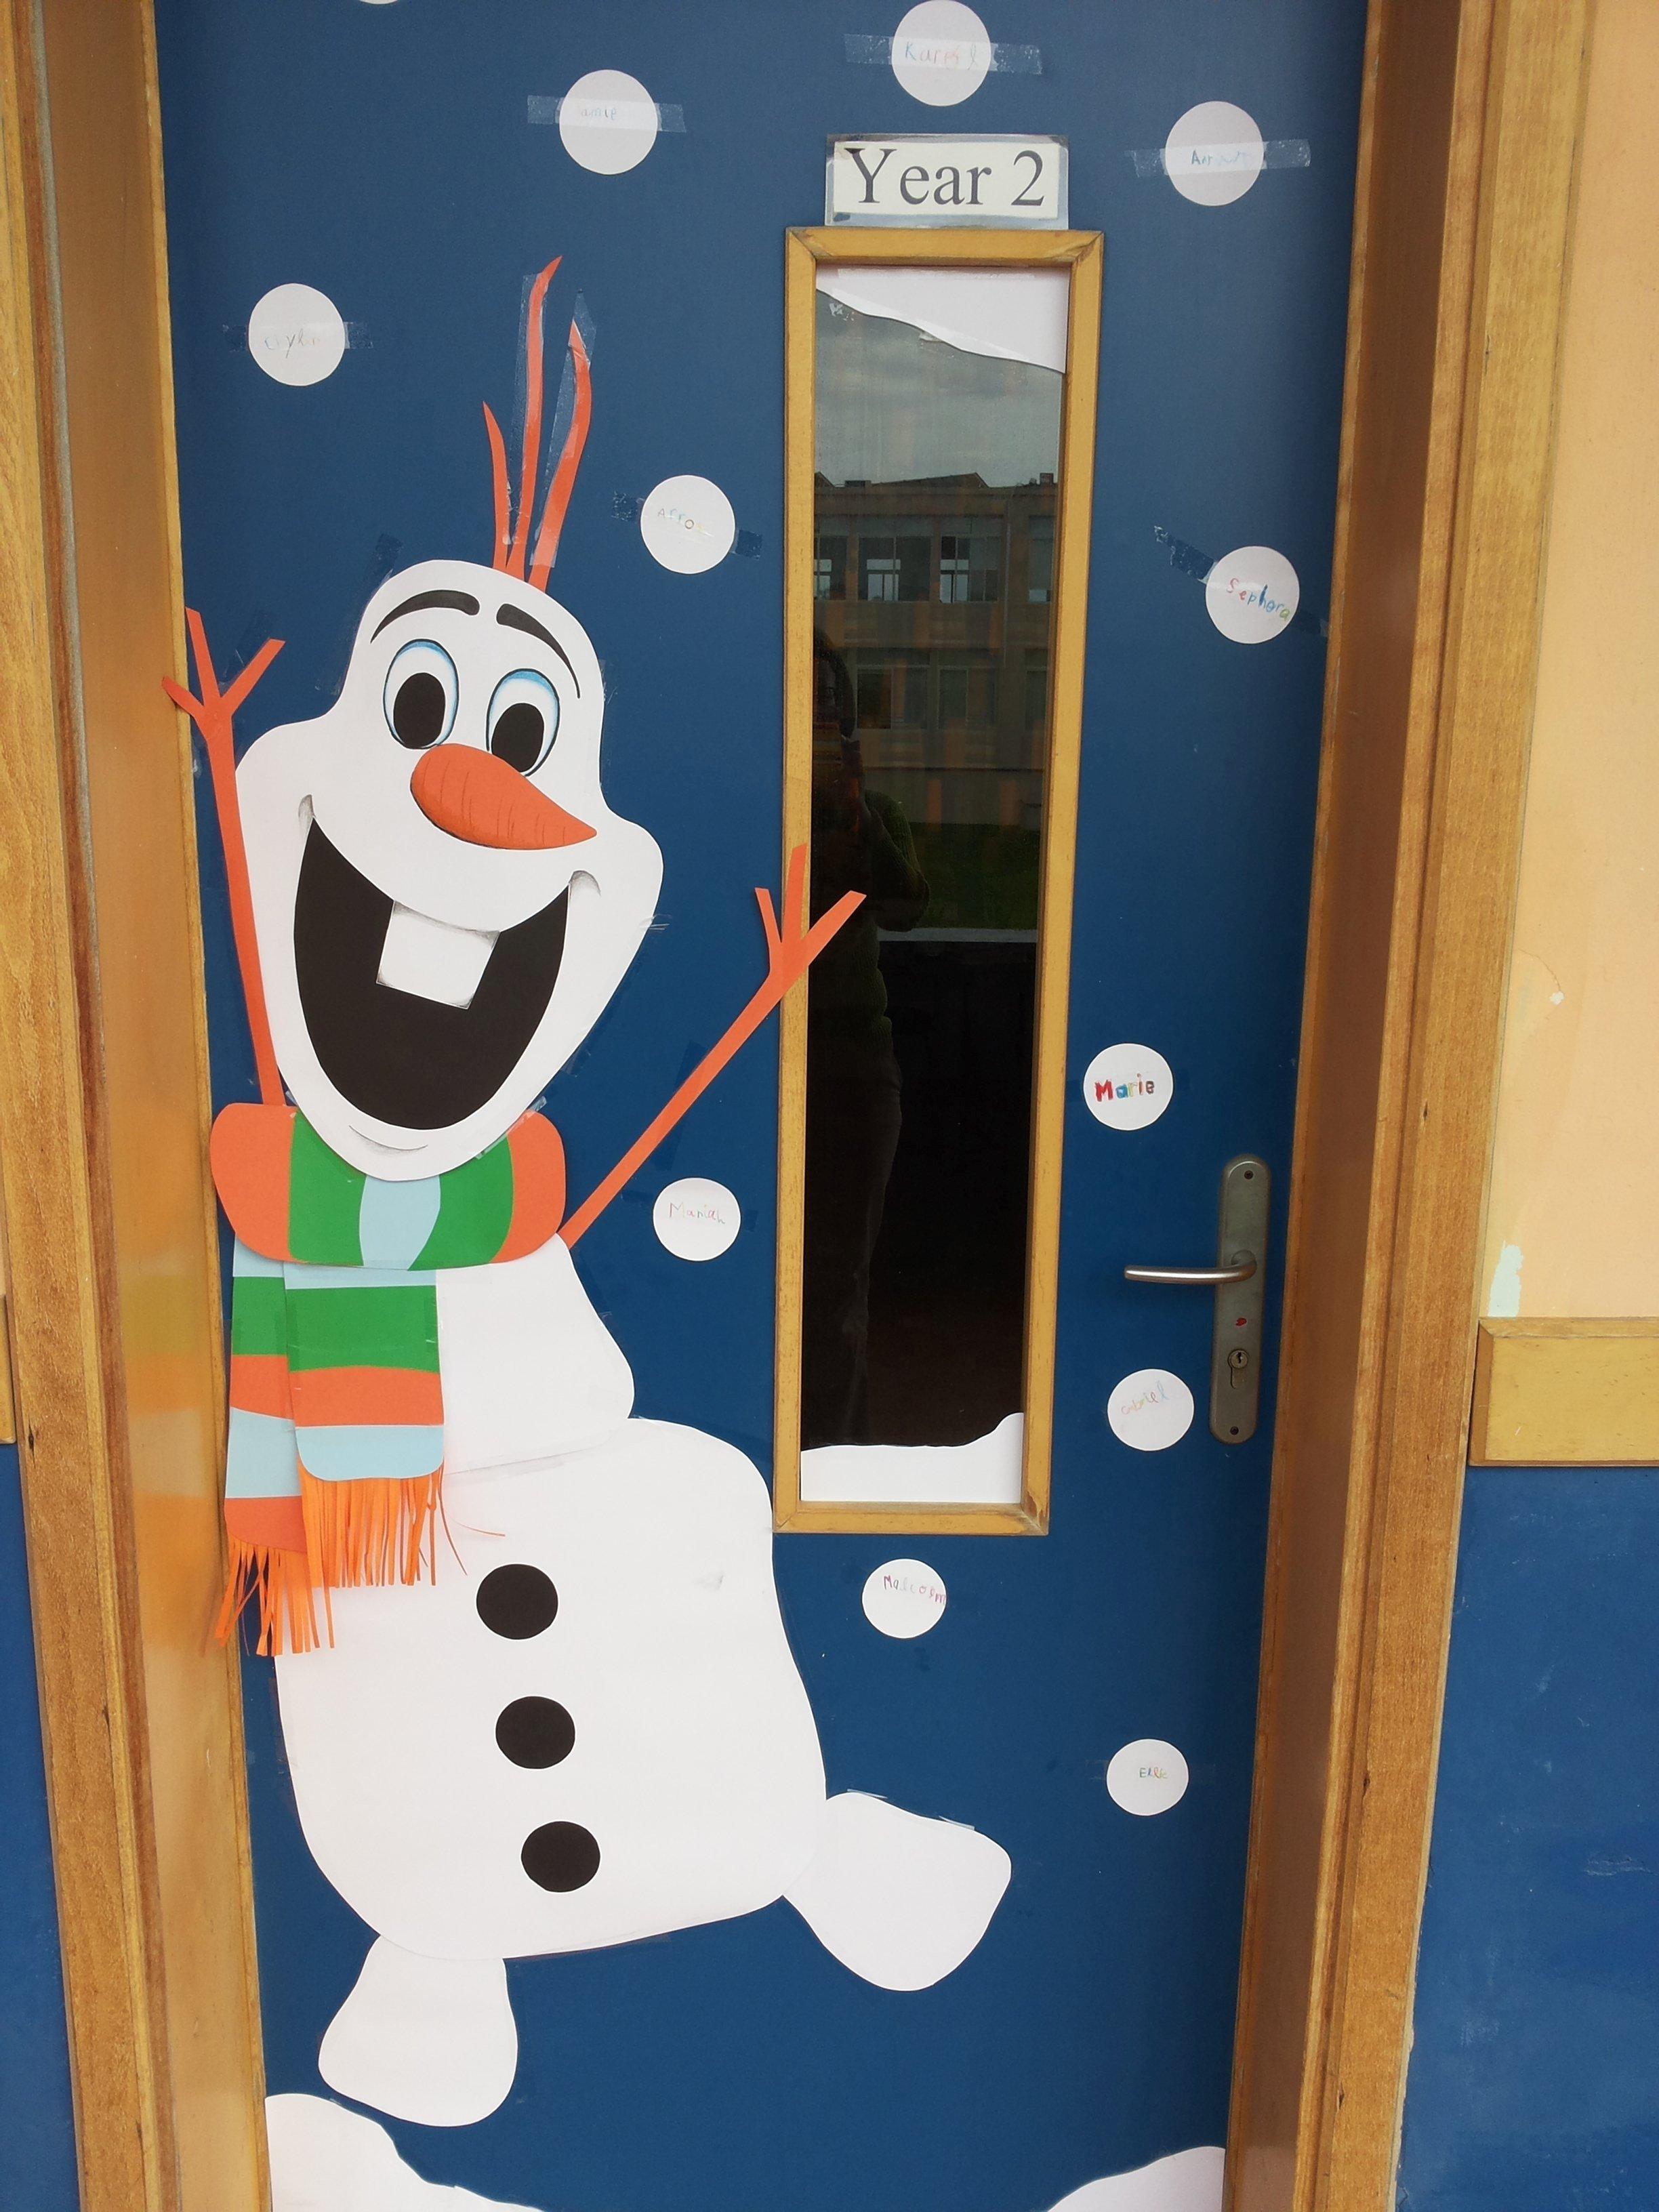 10 Famous Door Decoration Ideas For Christmas door decorating ideas luxury interior christmas classroom door